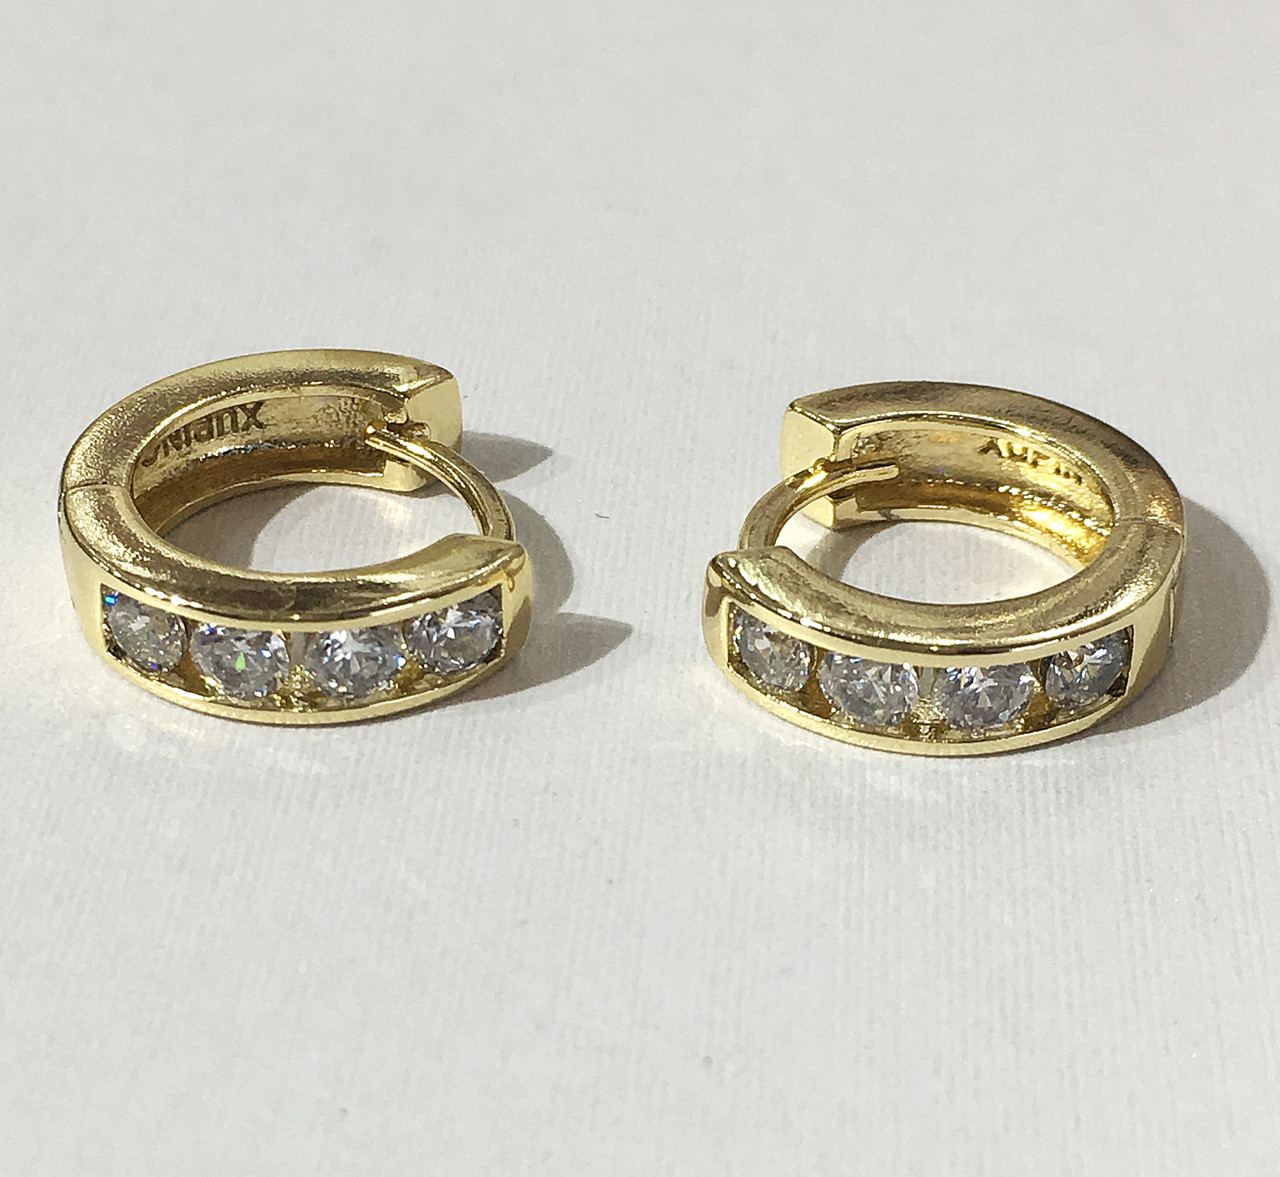 e7607970be14 Серьги круглые 4 камня ( под европейское золото 750 пробы) - VIkiDIm - Ювелирная  бижутерия